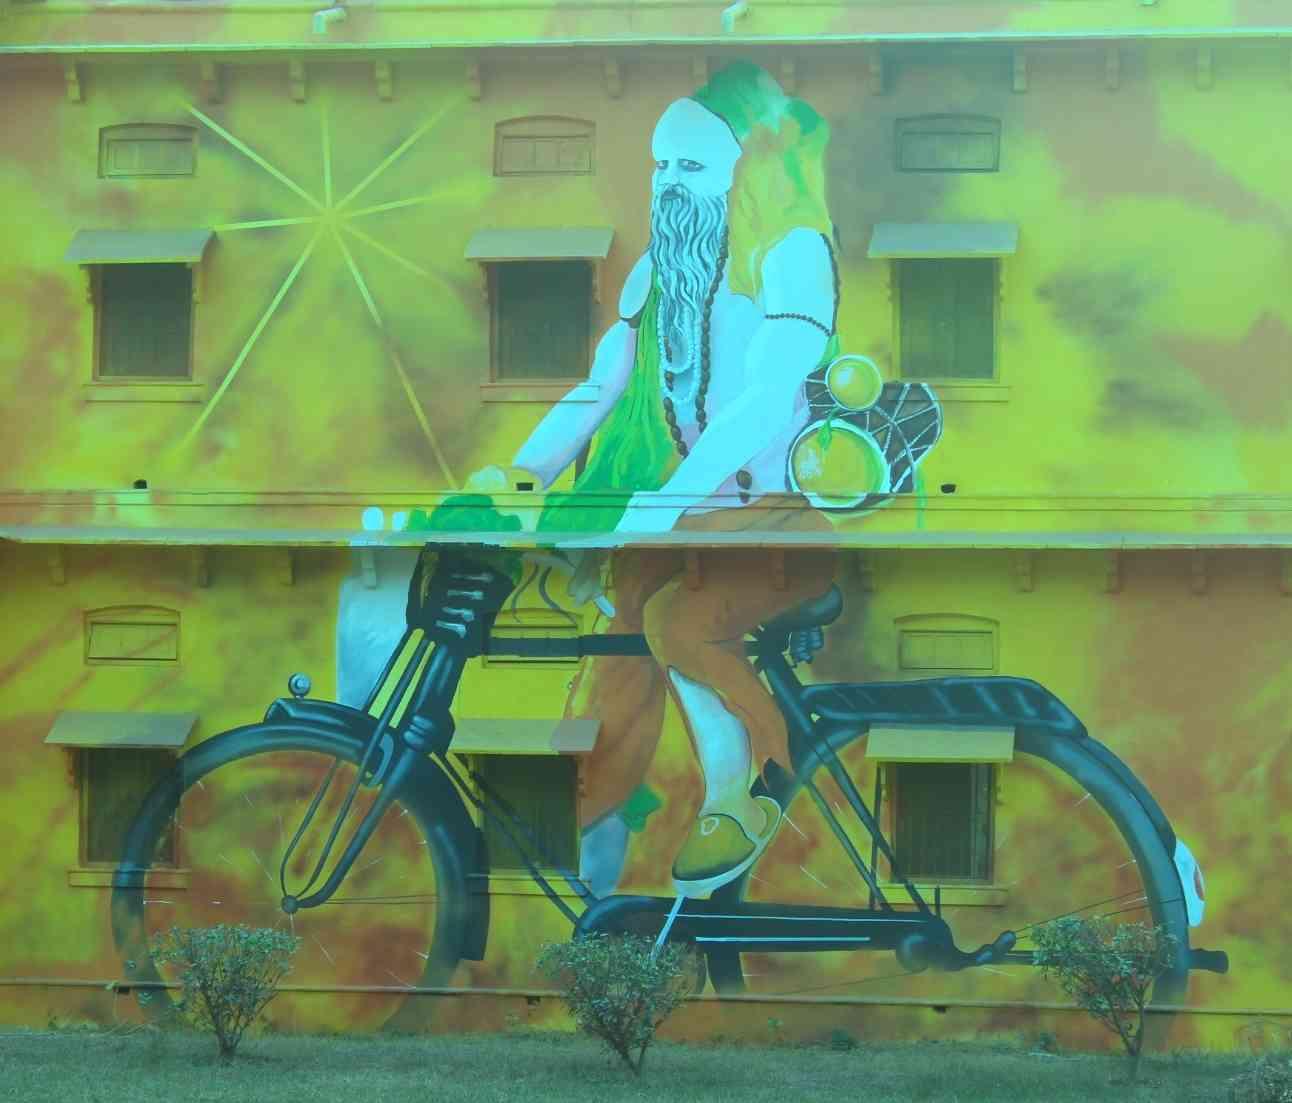 सौंदर्यीकरण के तहत एक घर की दीवार पर बनी पेंटिंग